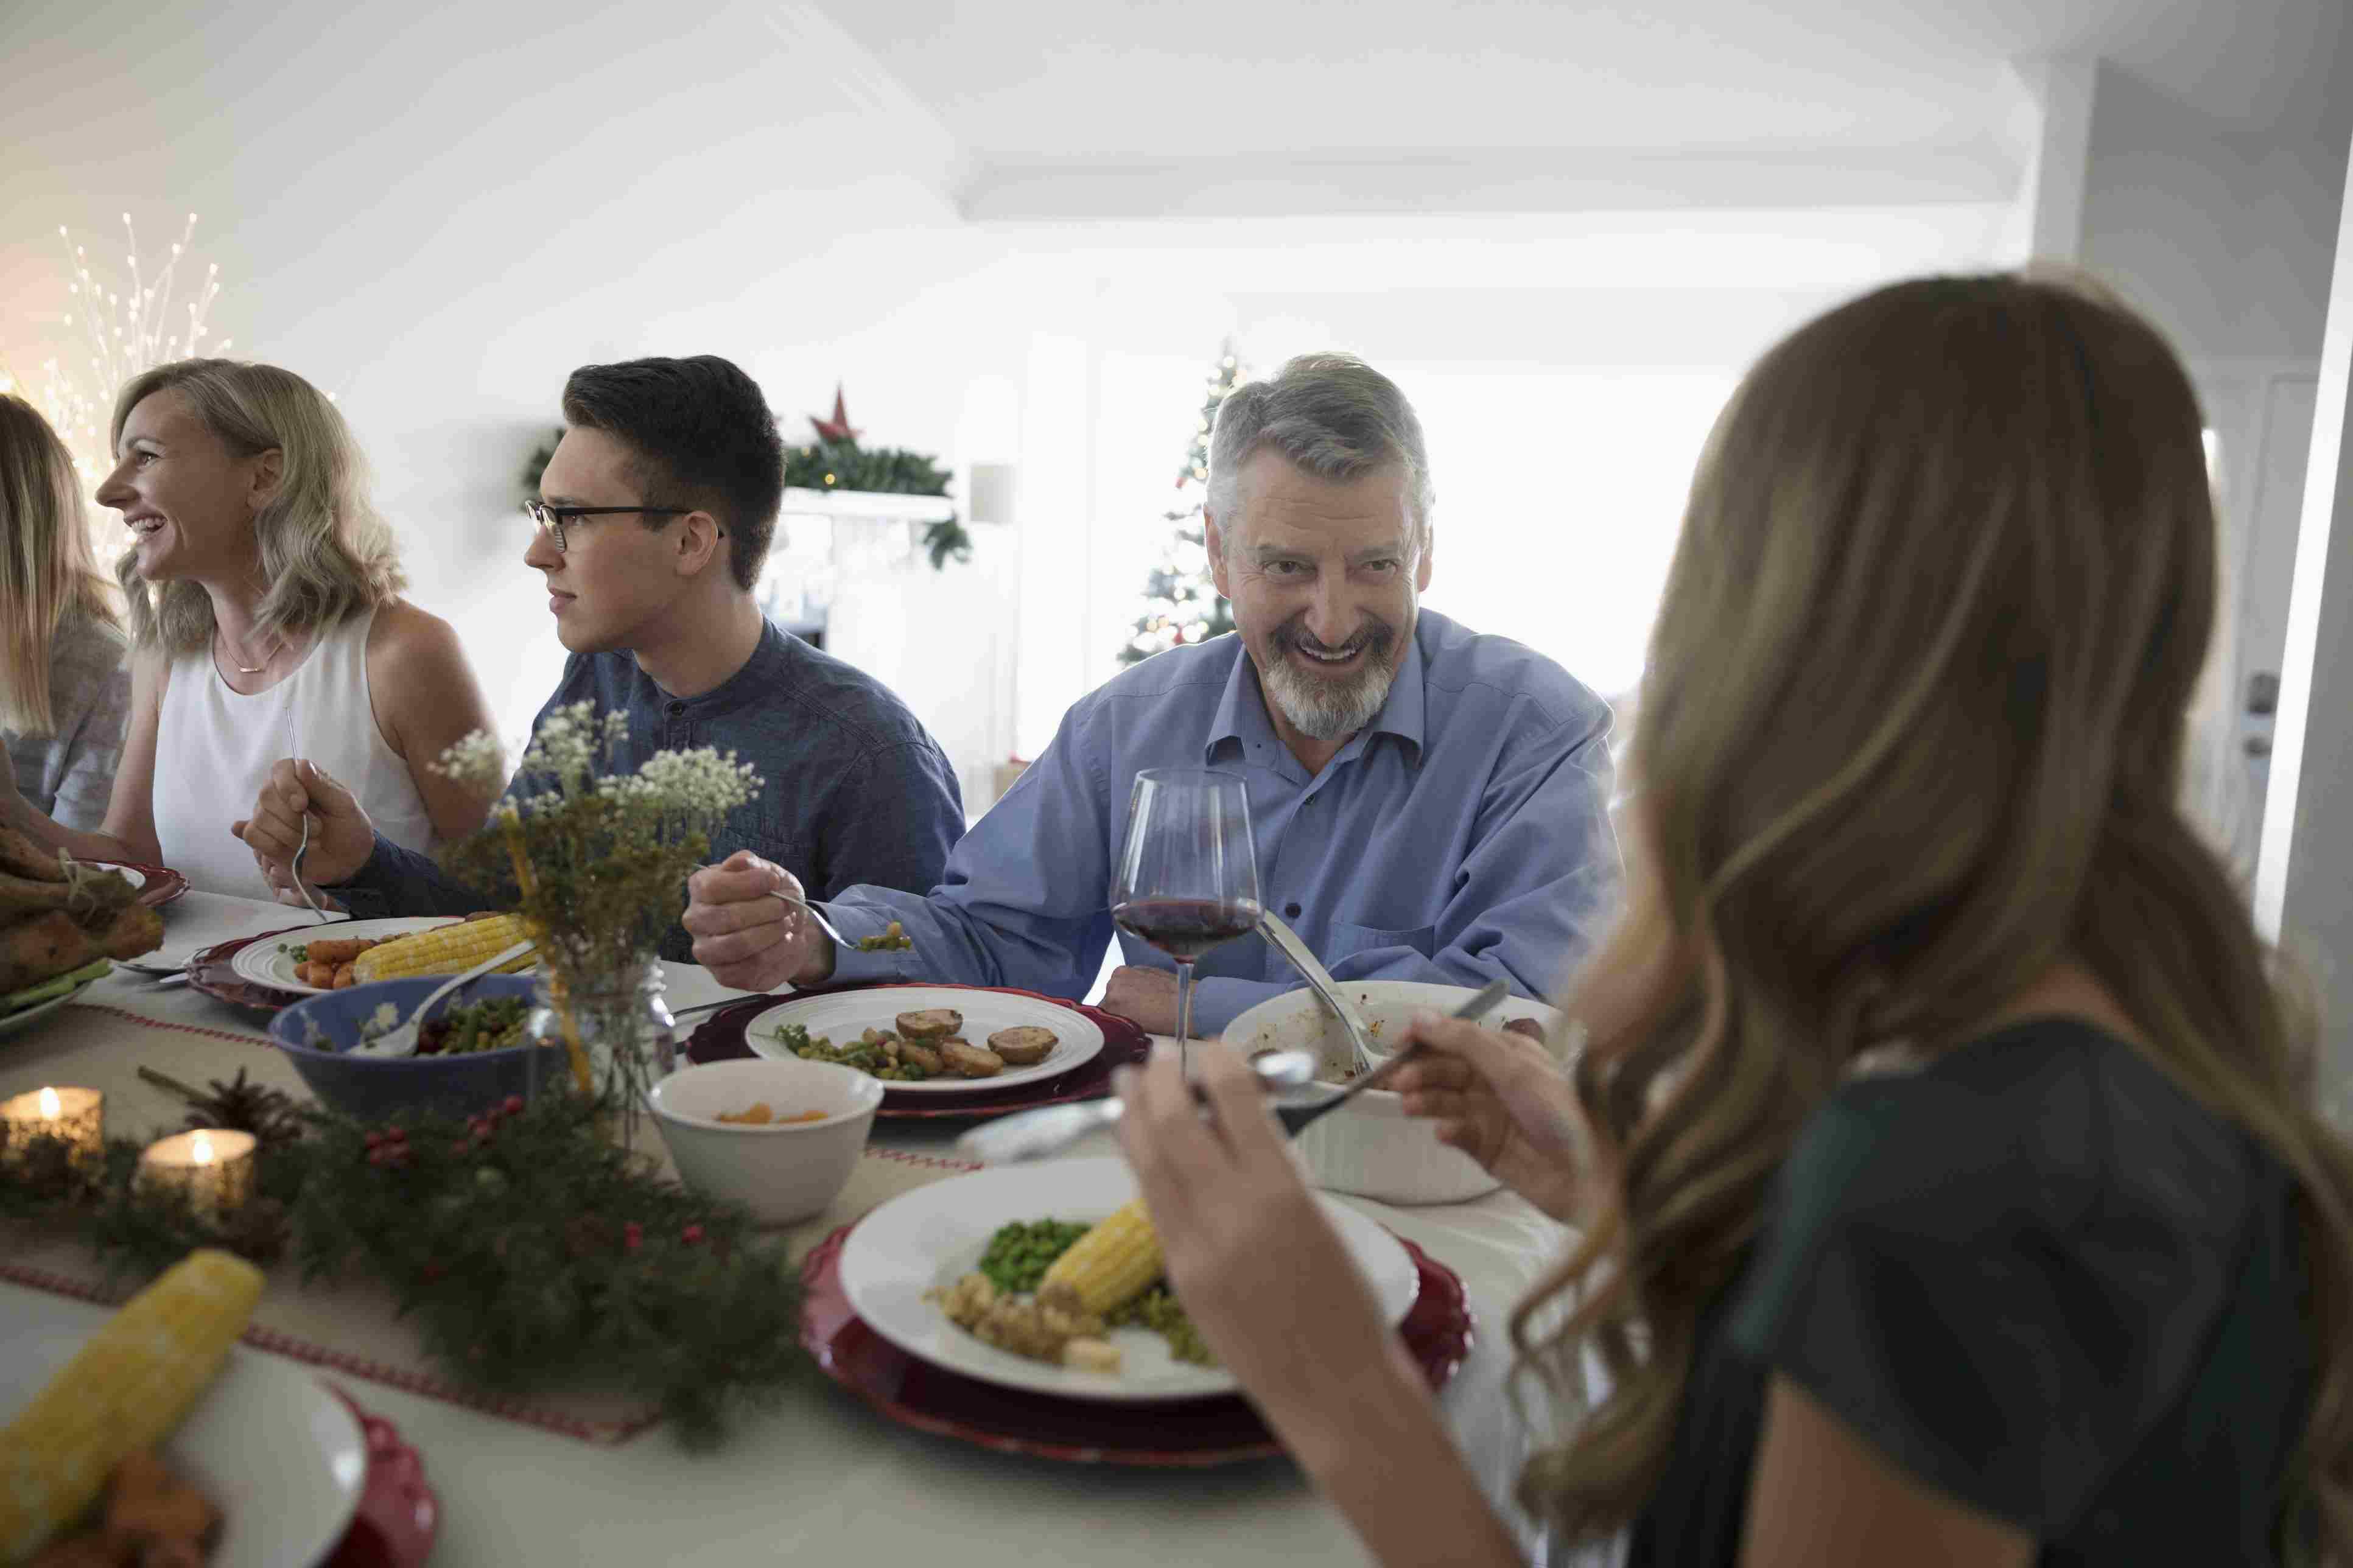 Family enjoying Christmas dinner at table